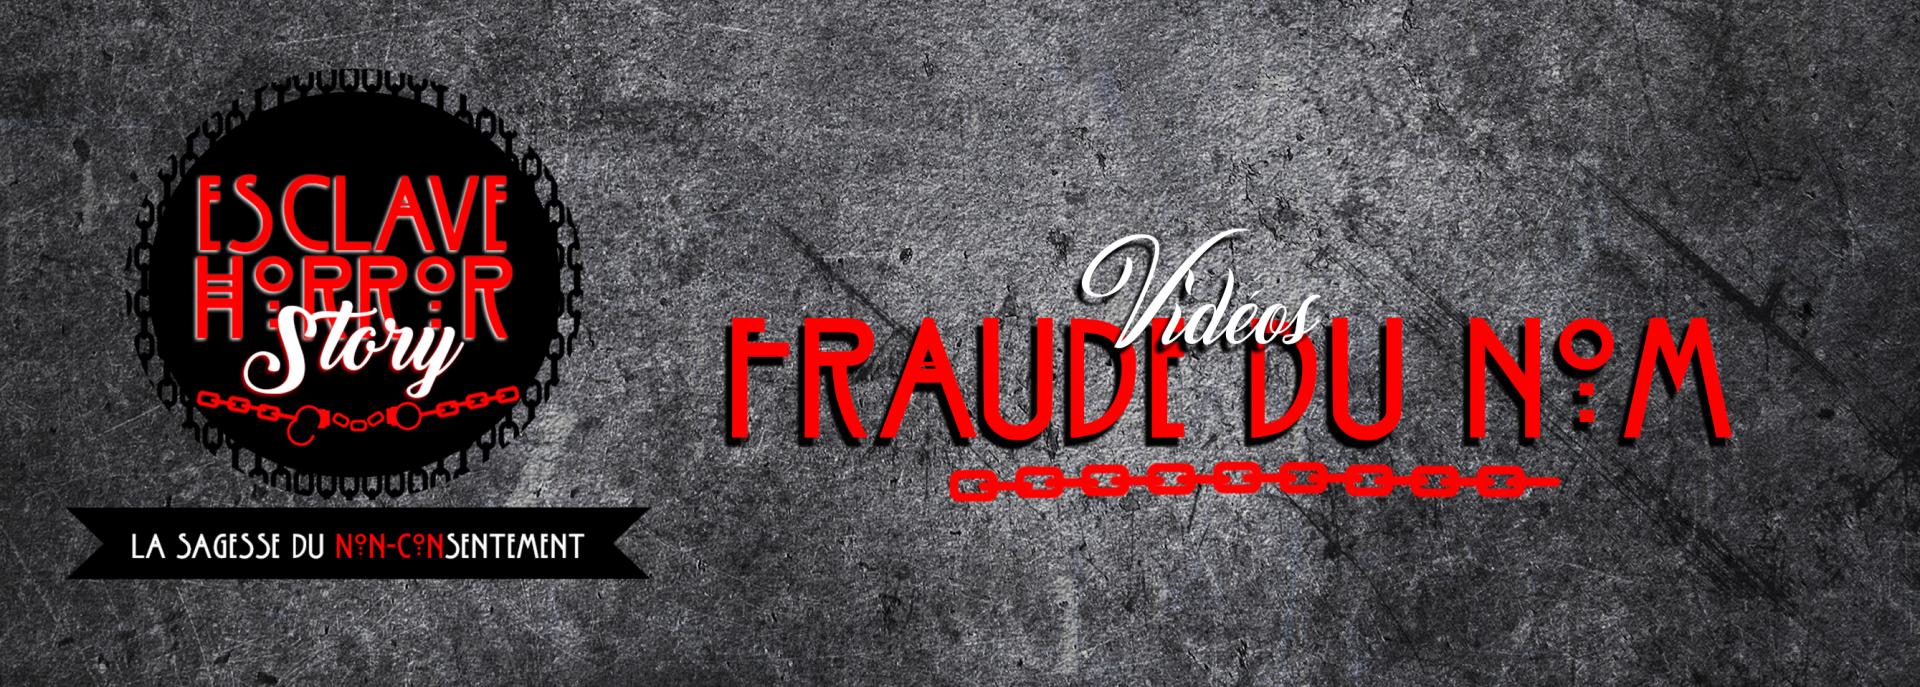 Videos fraude du nom